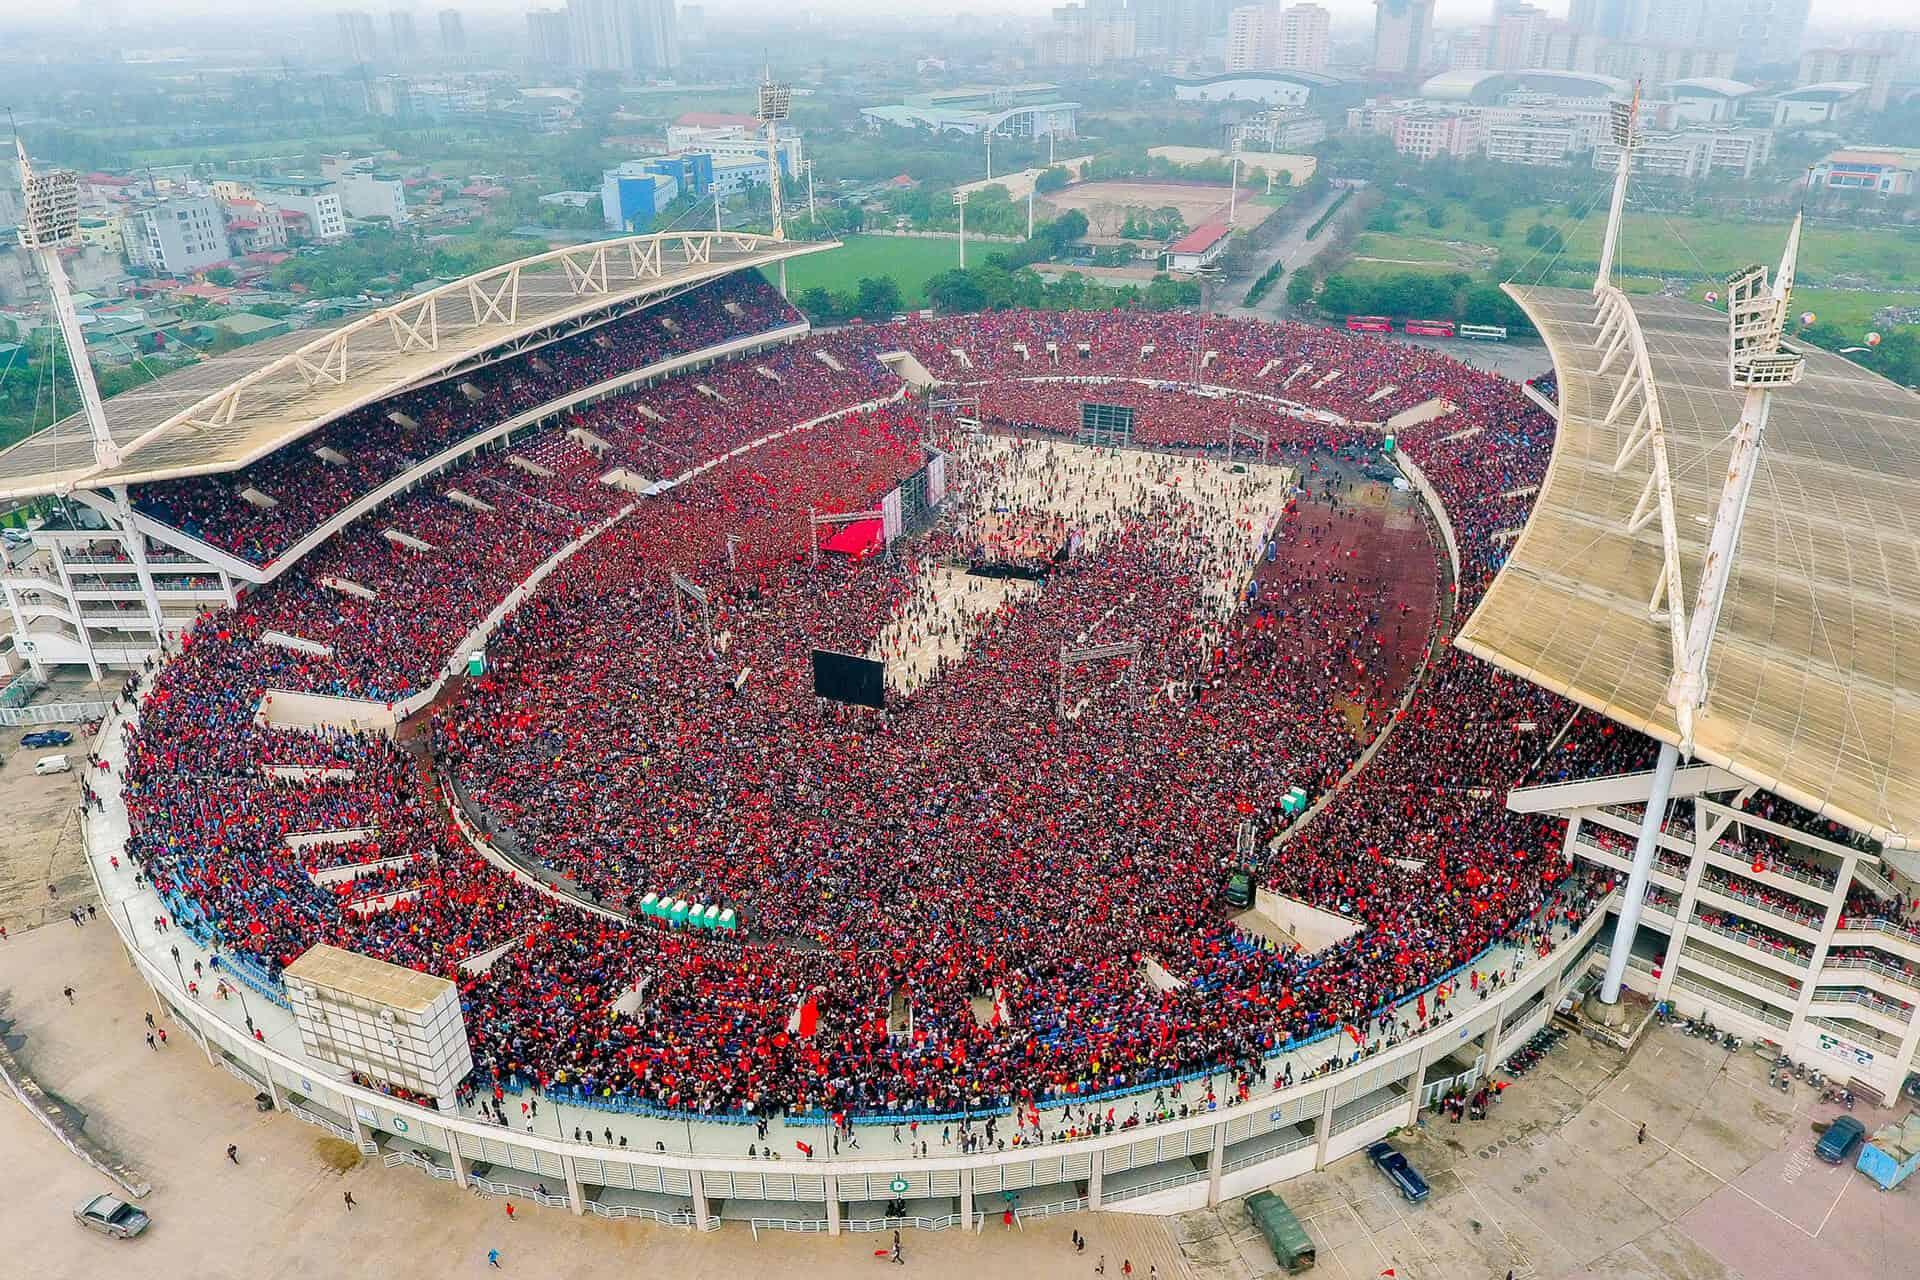 Sân vận động quốc gia Mỹ Đình là nơi tổ chức nhiều các sự kiện, liveshow âm nhạc lớn của cả nước. Ảnh: ST